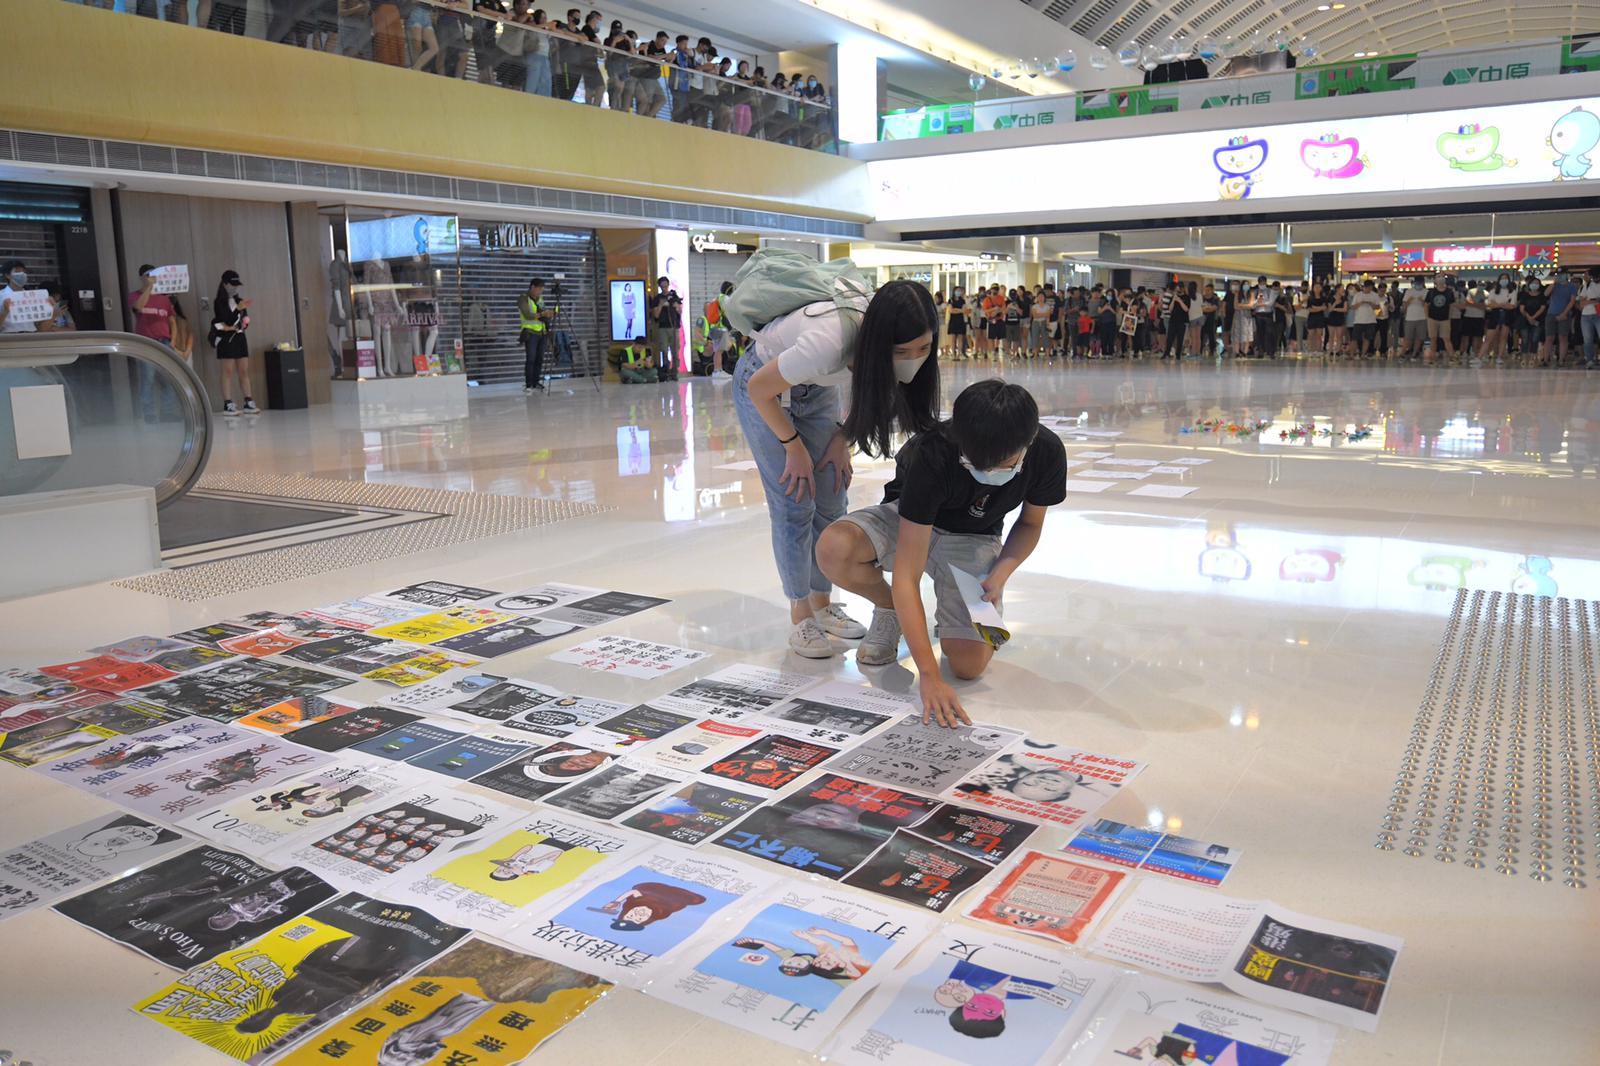 新港城人士張貼文宣及宣傳品聲援被捕職員。